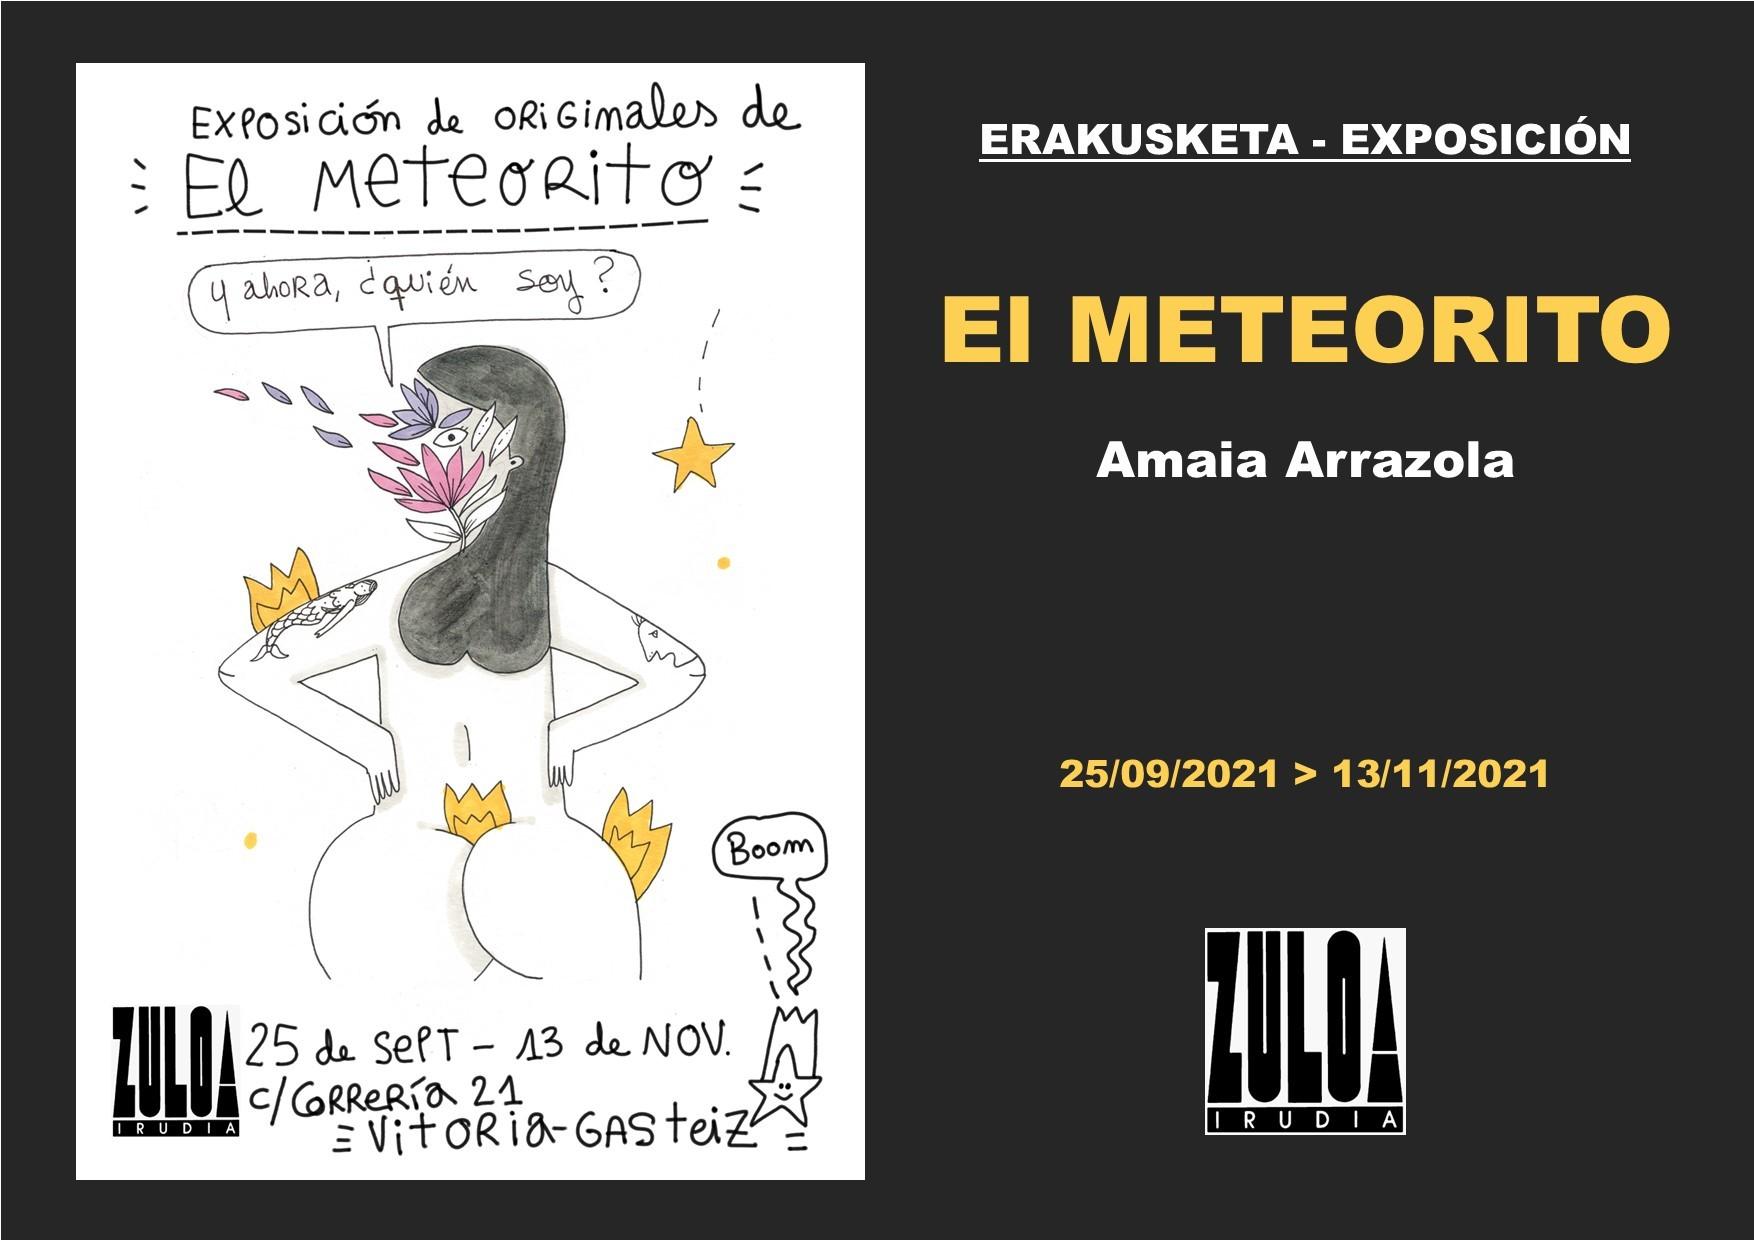 Exposición de originales de El Meteorito